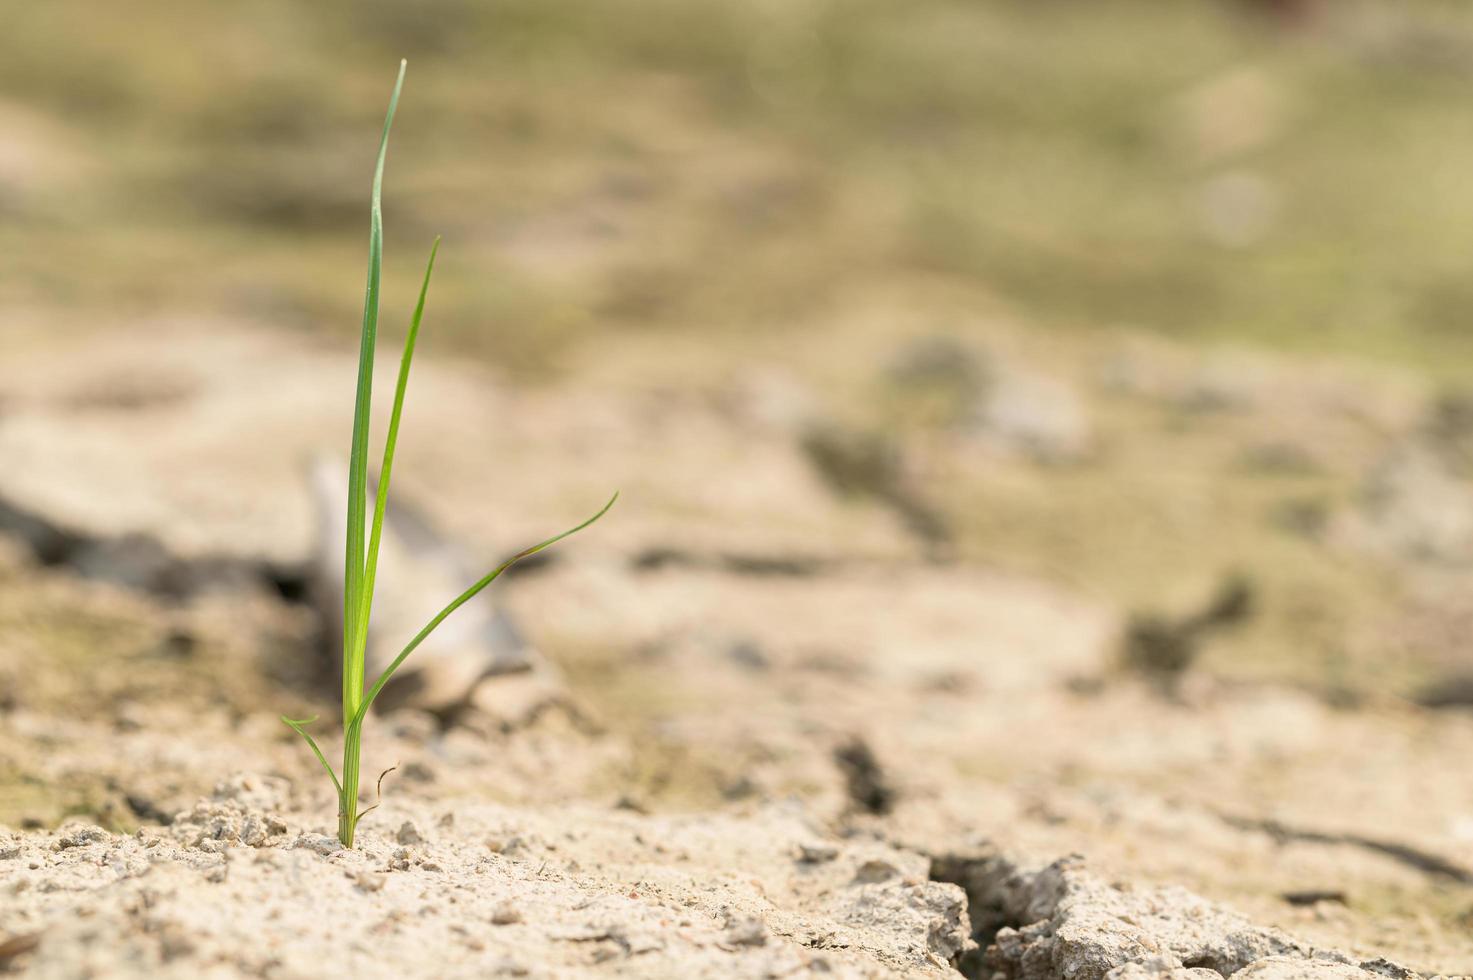 plante verte dans le sol sec photo